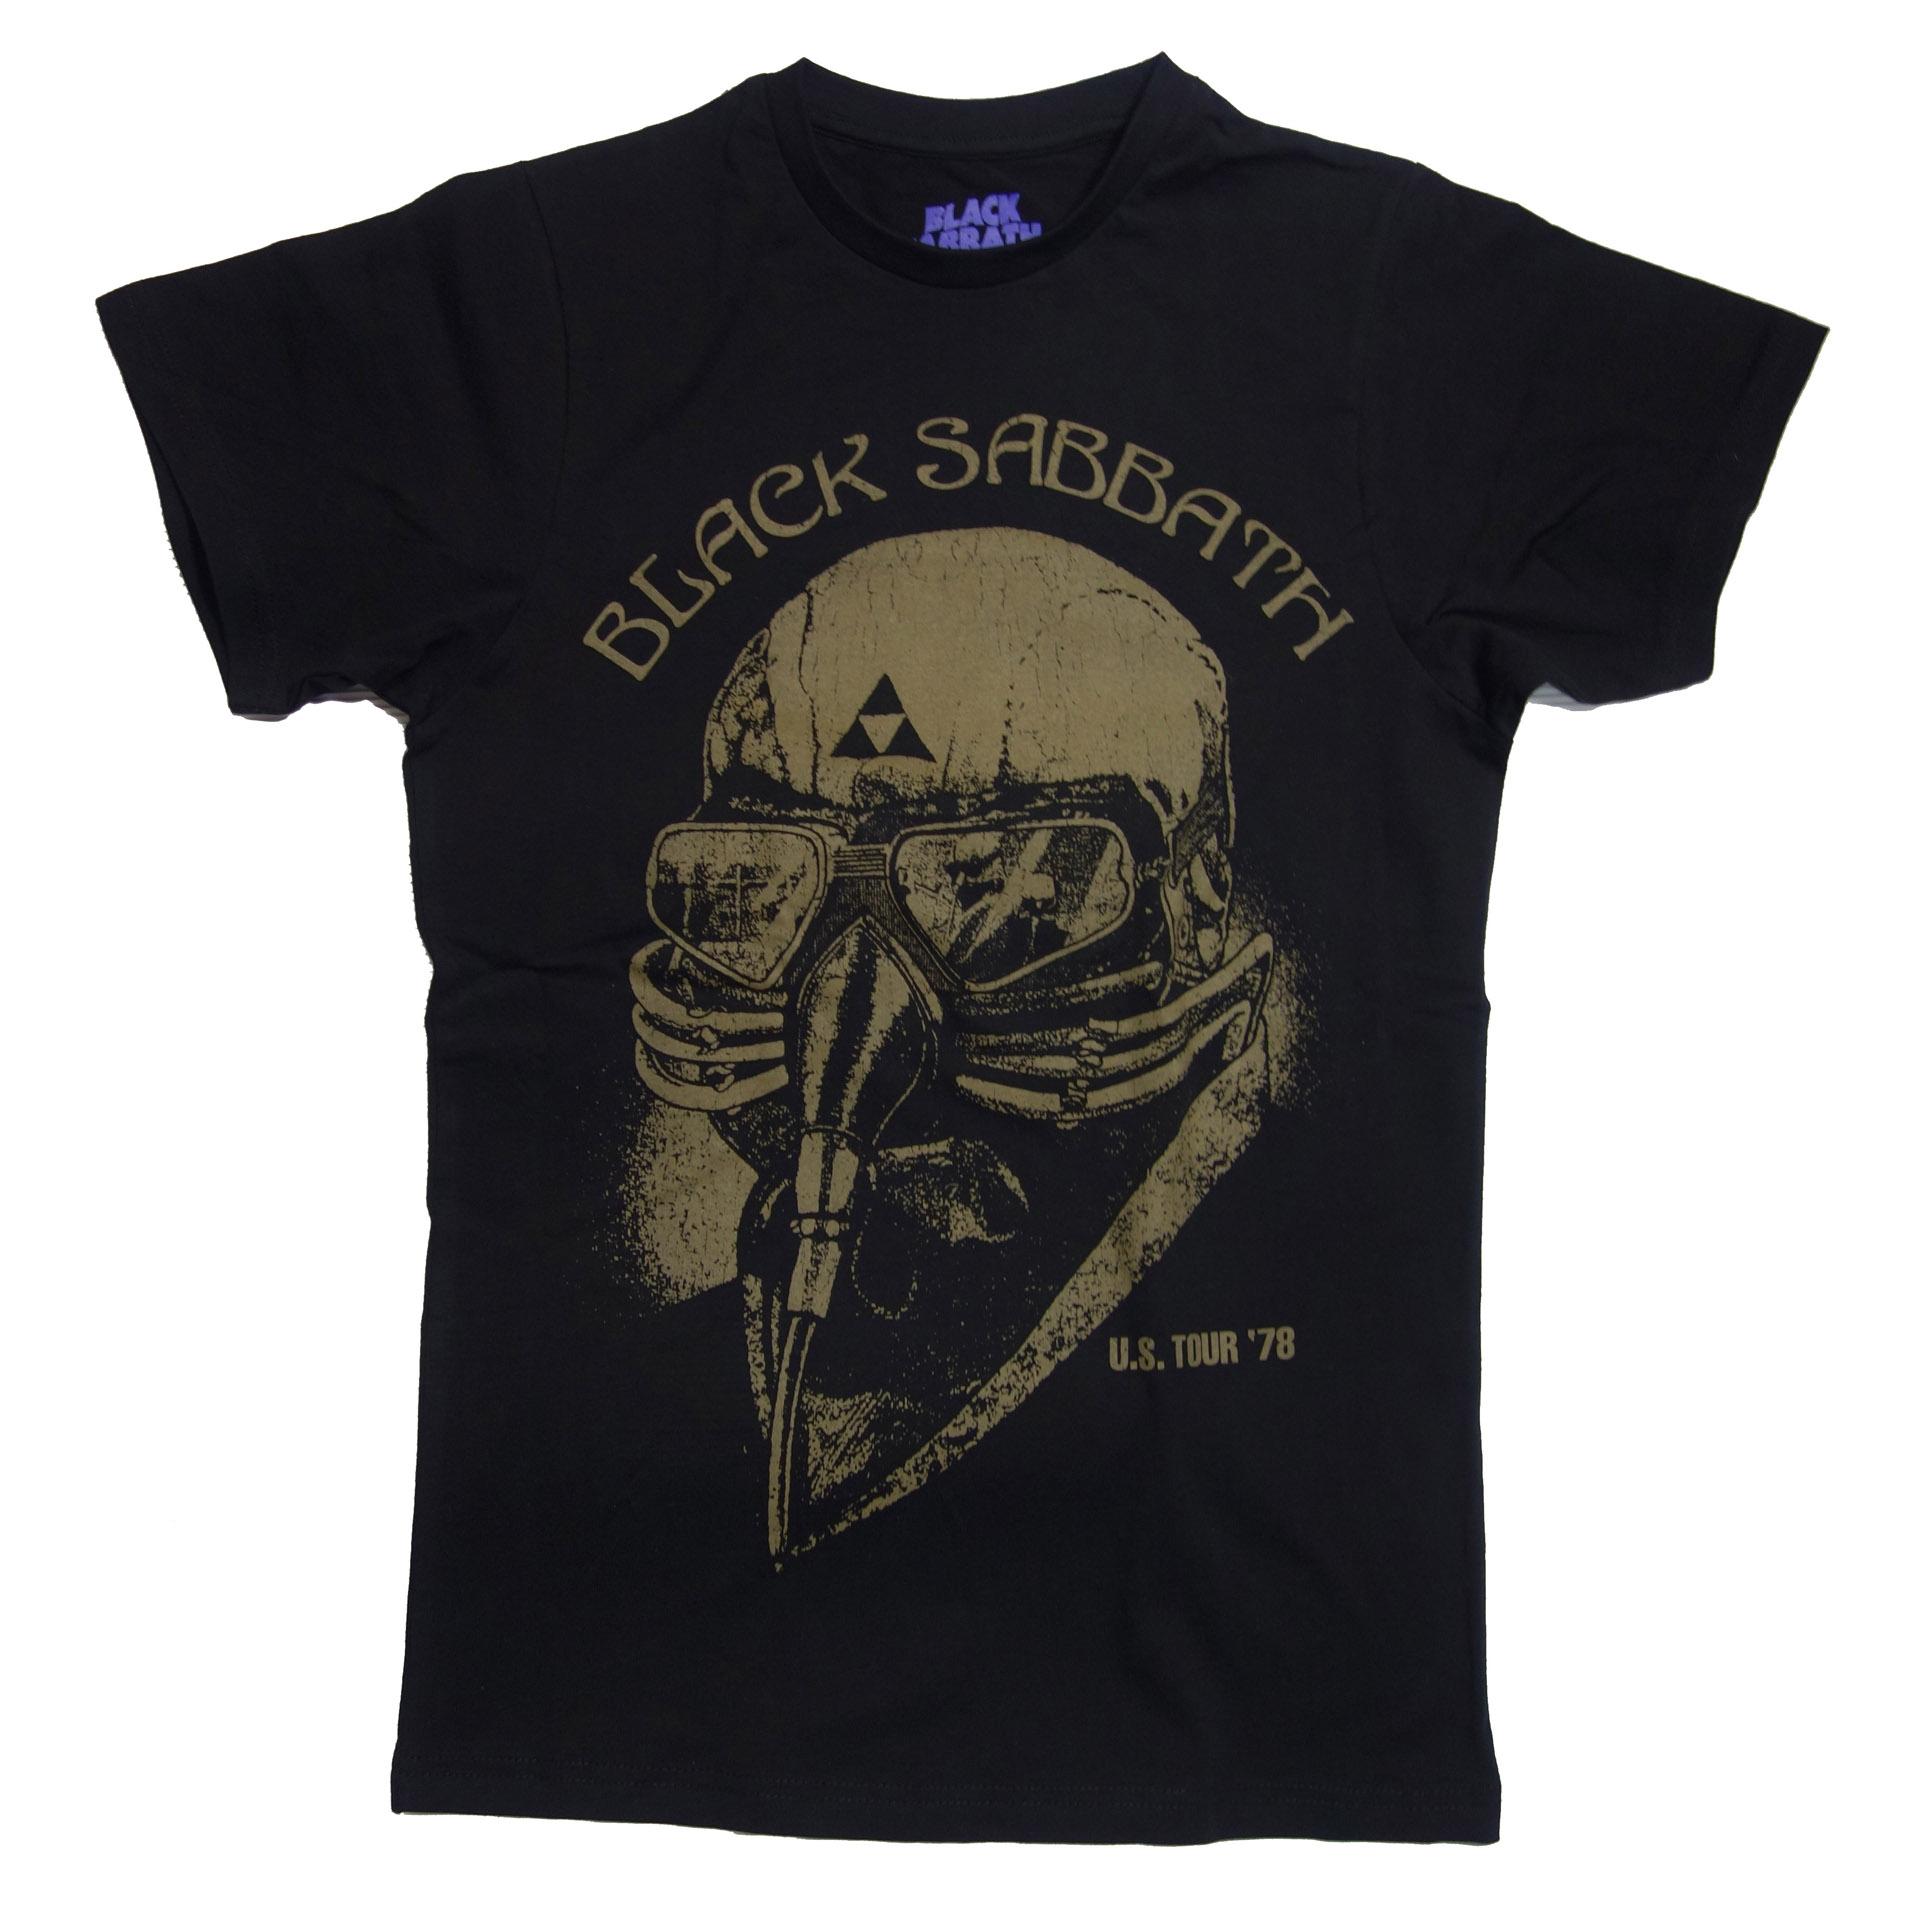 T-Shirt Black Sabbath US Tour 1978 Avengers